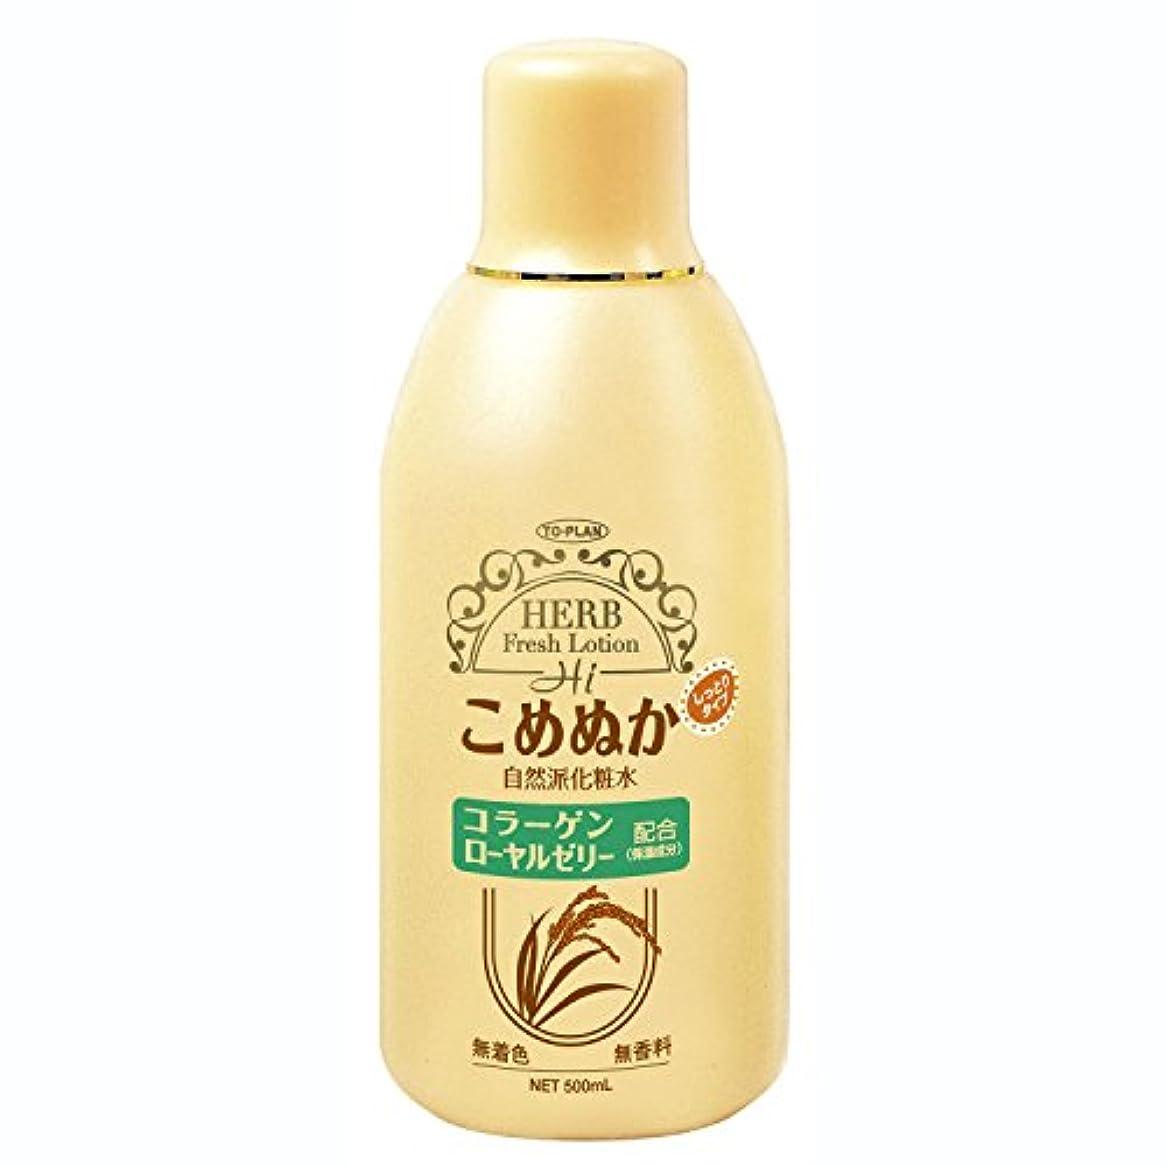 レジ今後ゴムトプラン 米ぬか化粧水 500ml